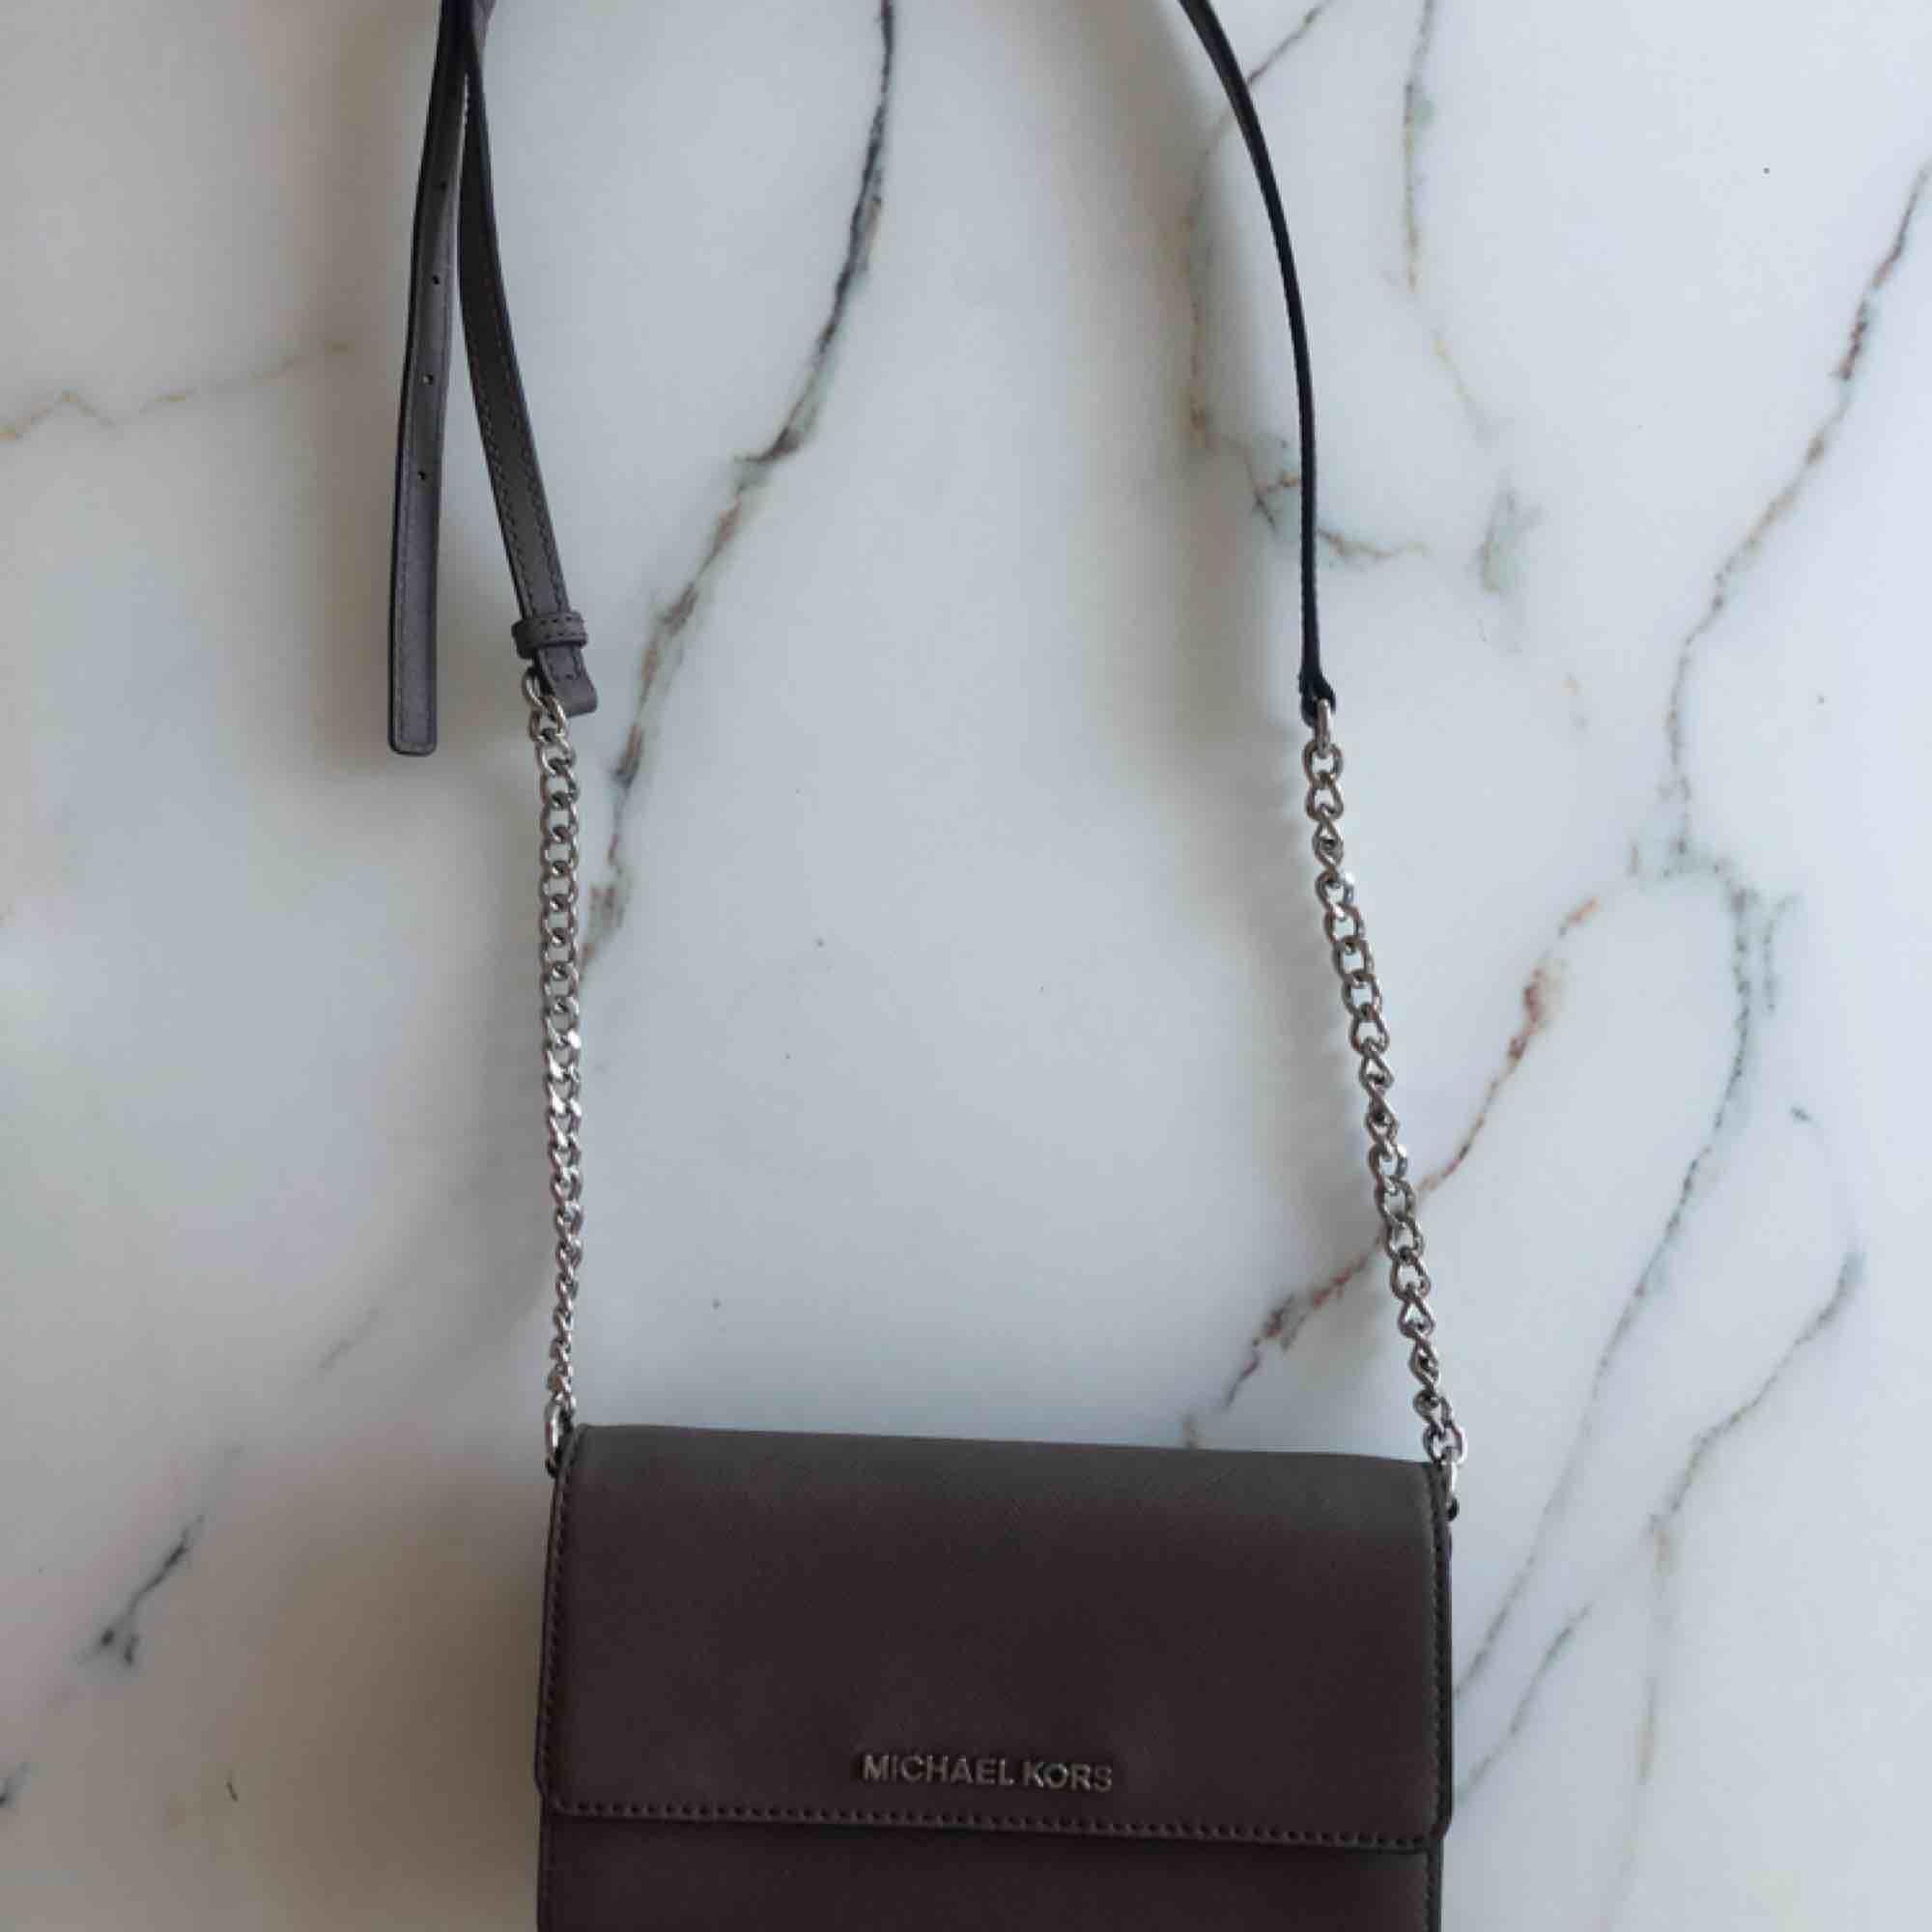 Perfekt liten väska att ha för utgång eller om man inte bär med sig så mycket saker! Axelband som går att justera, 5 fack inne i väskan + fack för kreditkort osv.  Bredd: 19cm Höjd: 12cm . Väskor.